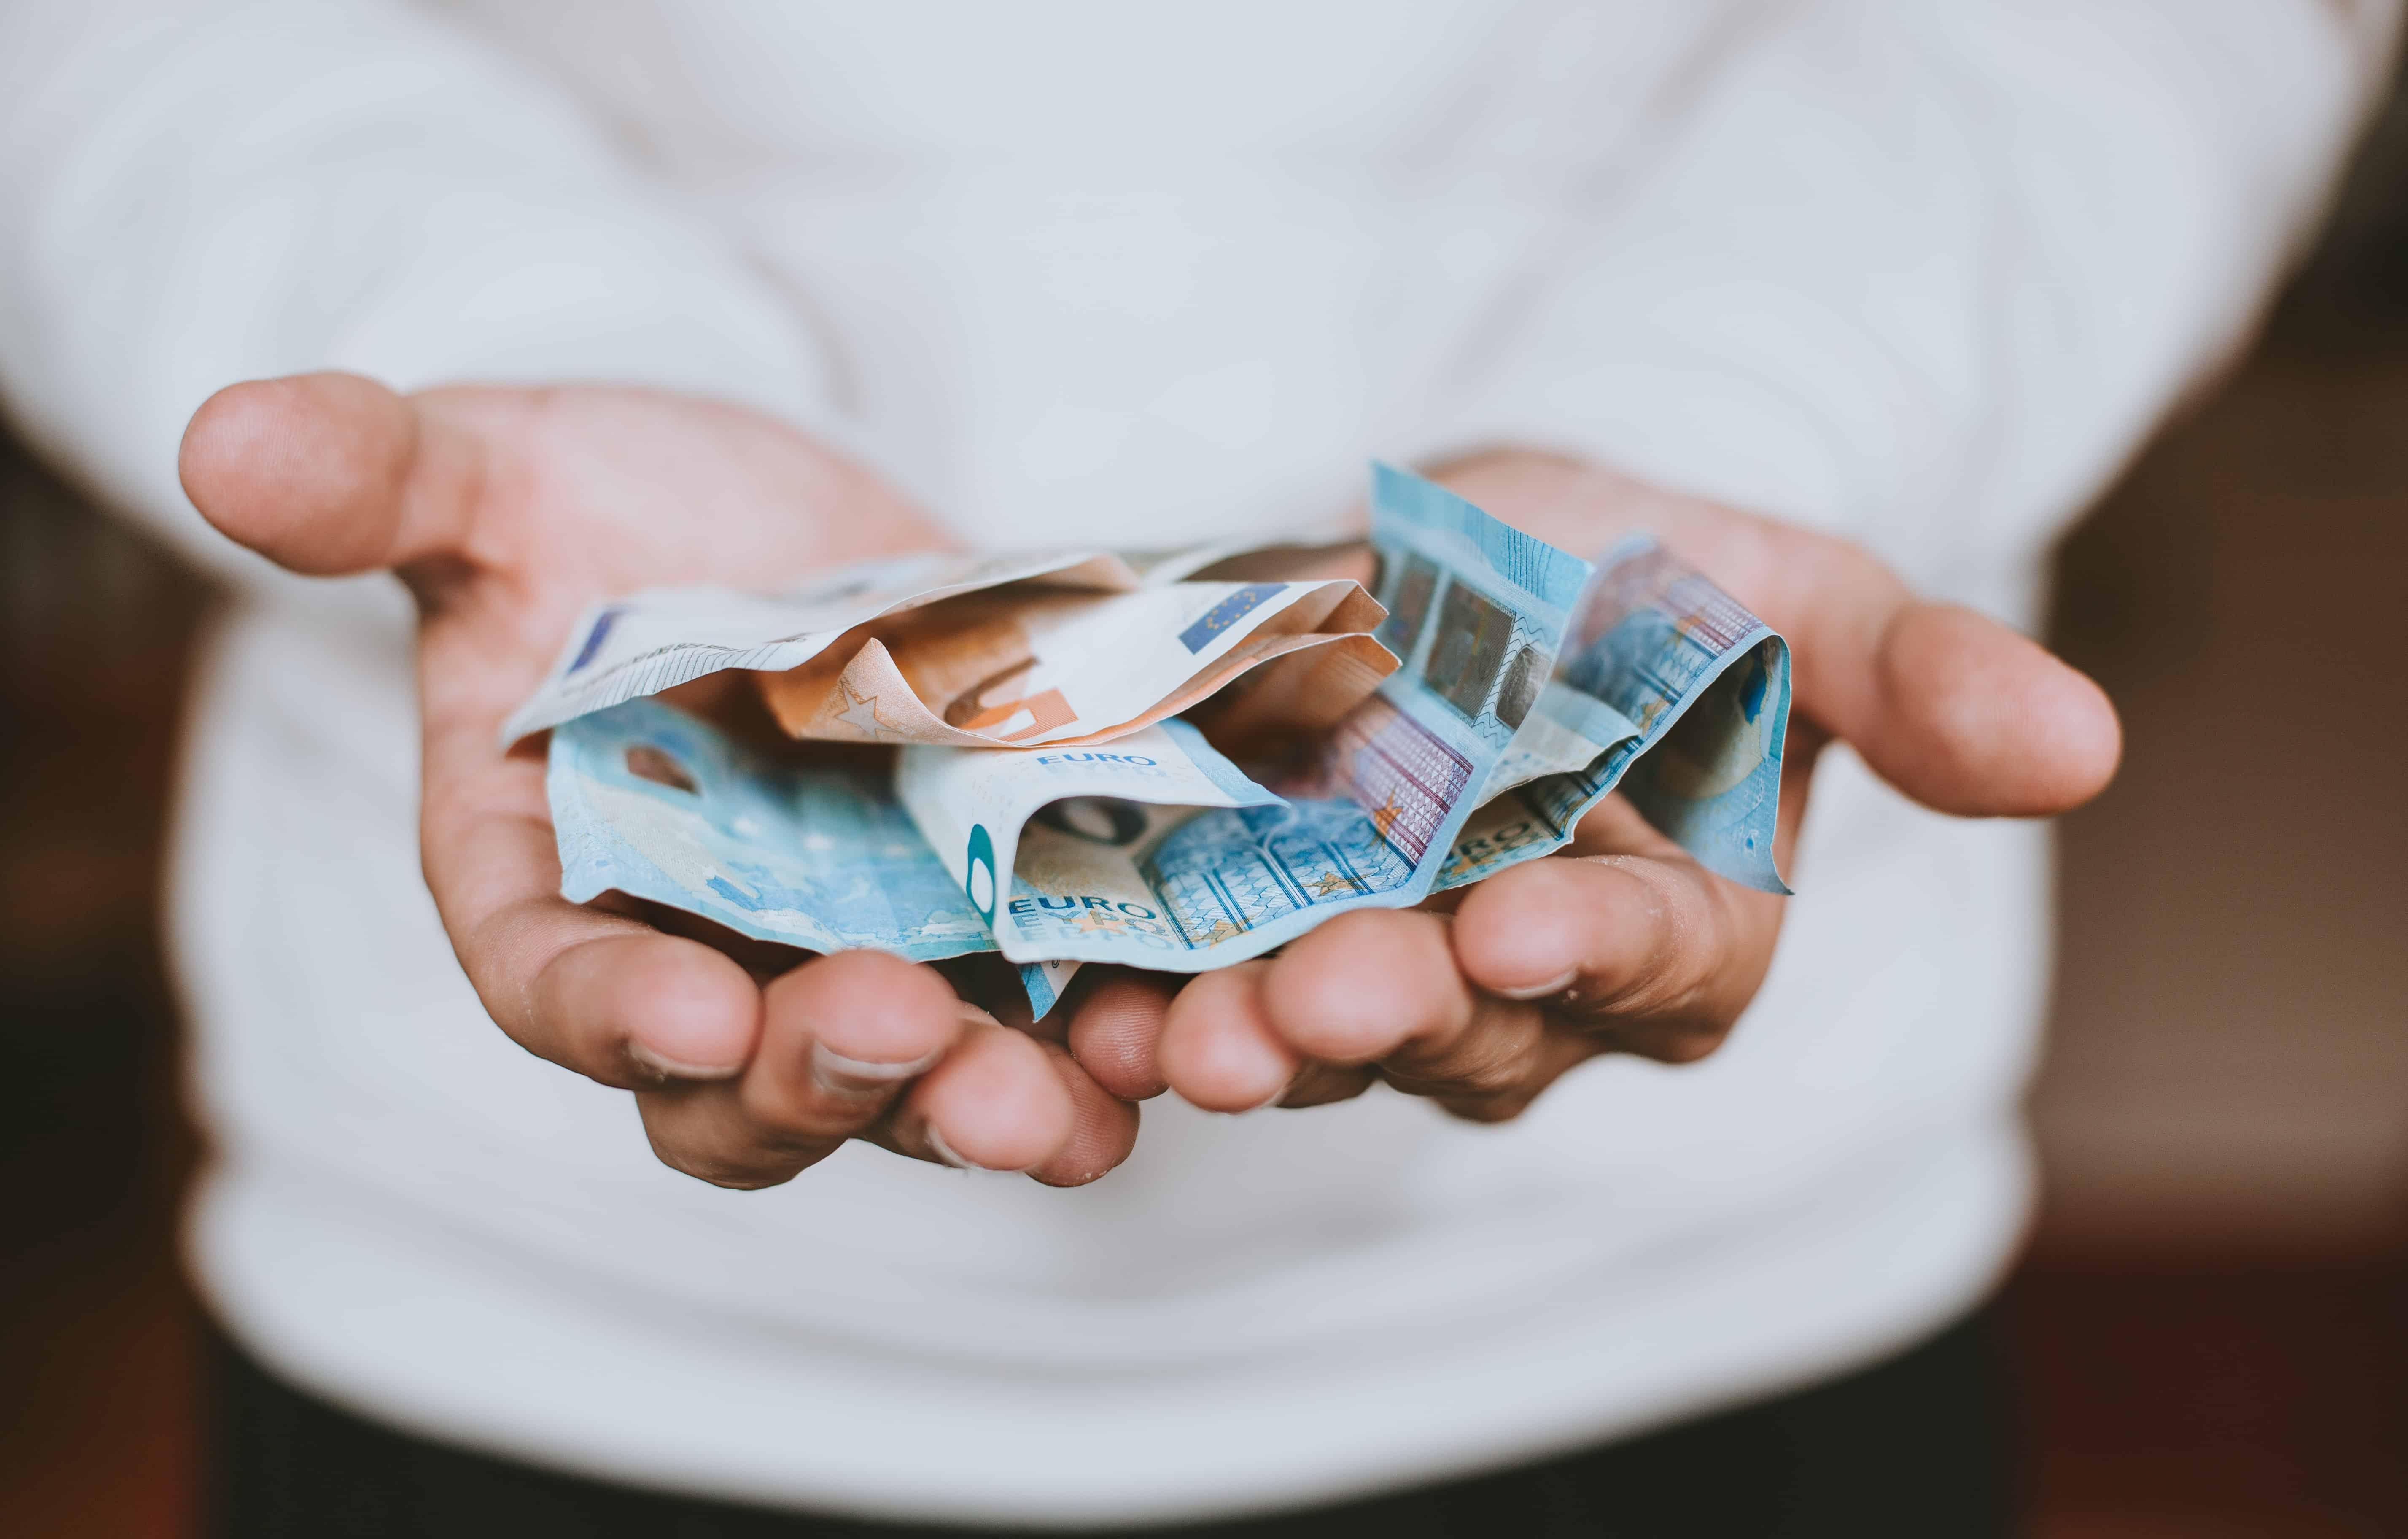 cum să câștigi mulți bani rapid este ușor și